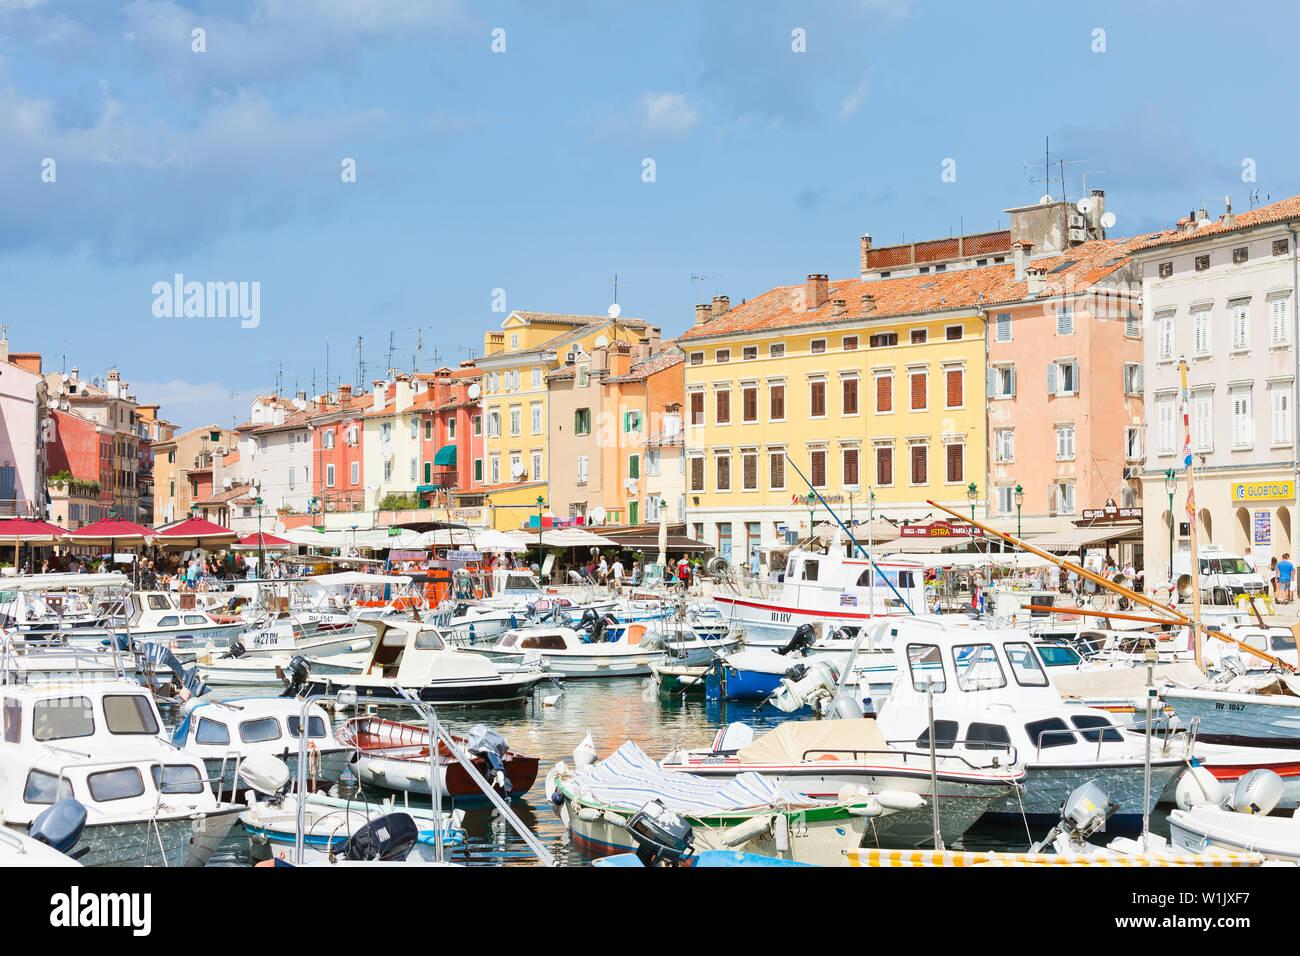 Rovinj, Kroatien, Europa - September 2, 2017 - Zahlreiche Motorboote am Hafen von Rovinj Stockfoto